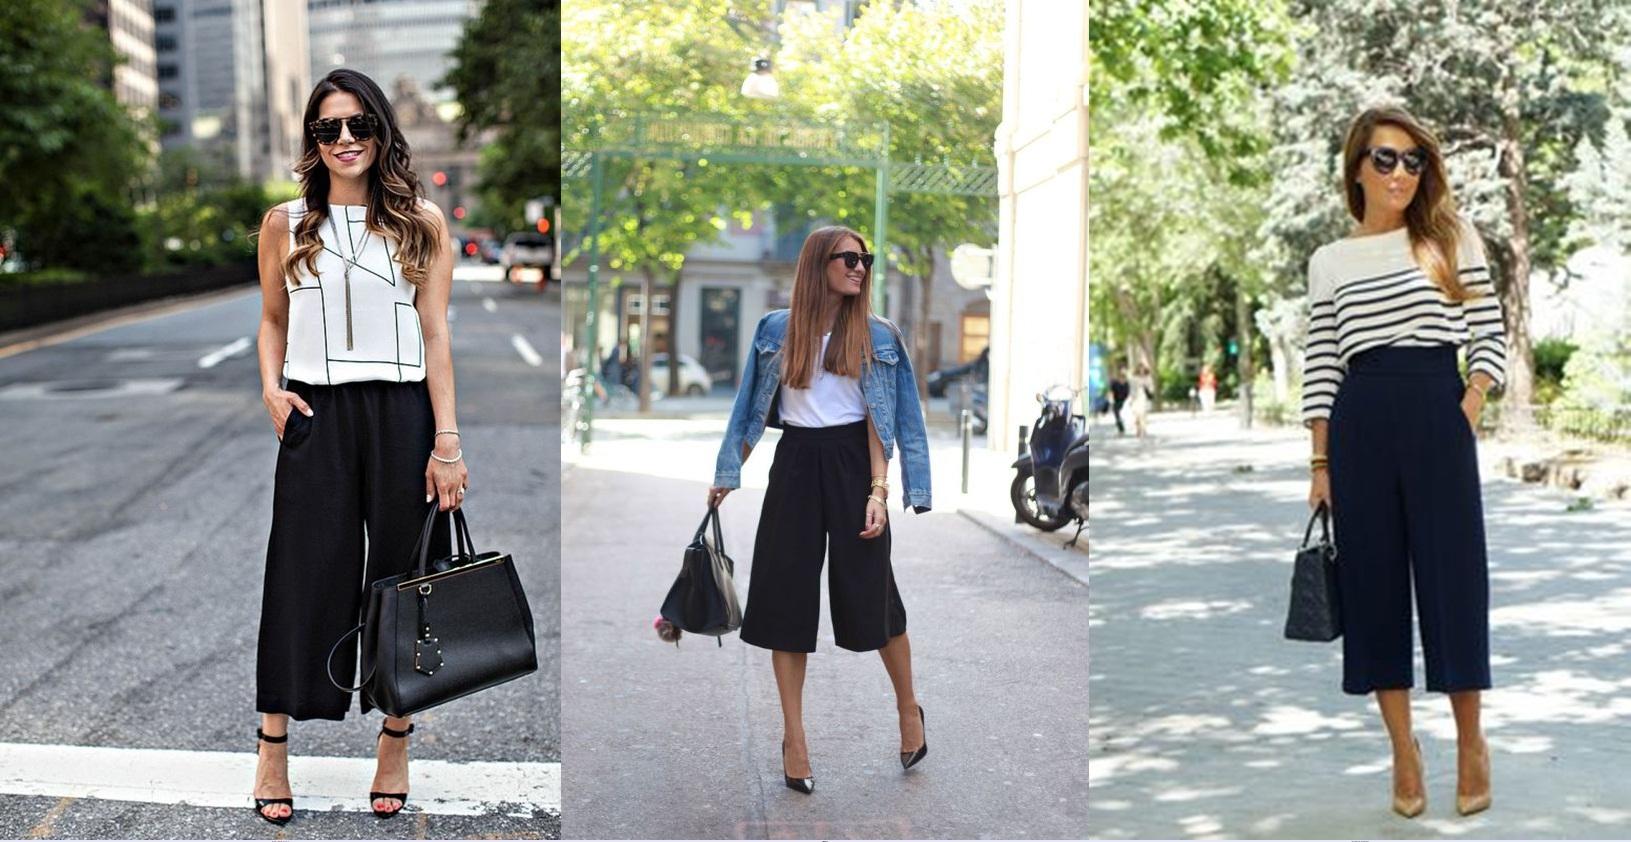 pantacourt1 Moda de rua: 5 trends para usar no Look do Trabalho